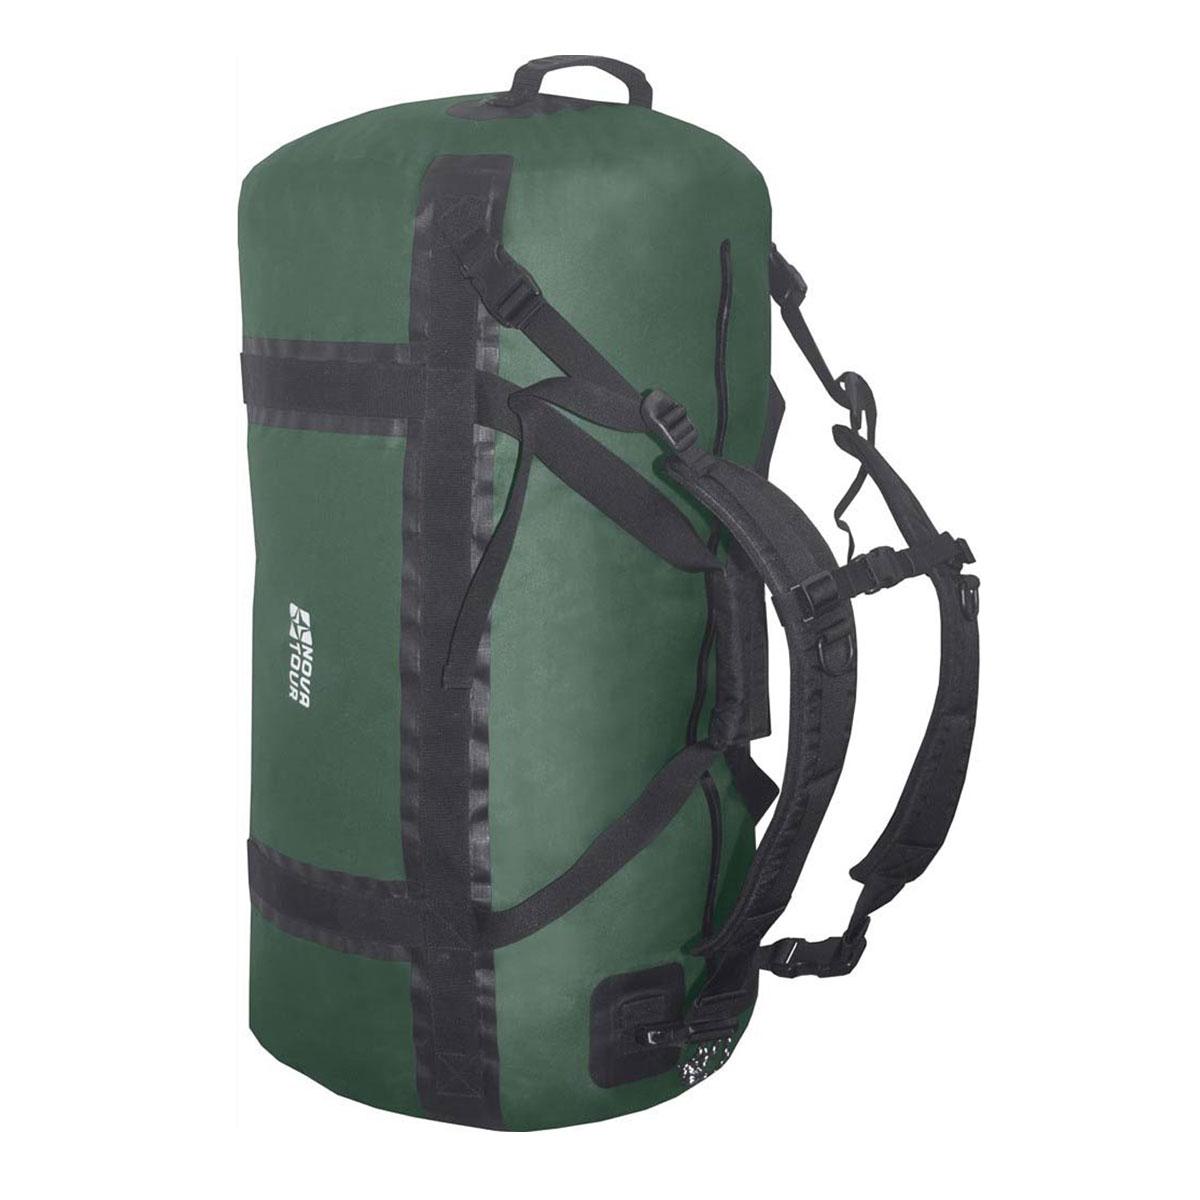 Баул водонепроницаемый Nova Tour Кашалот 45, цвет: зеленый. 95148-304-00 сумки nova tour сумка кнот